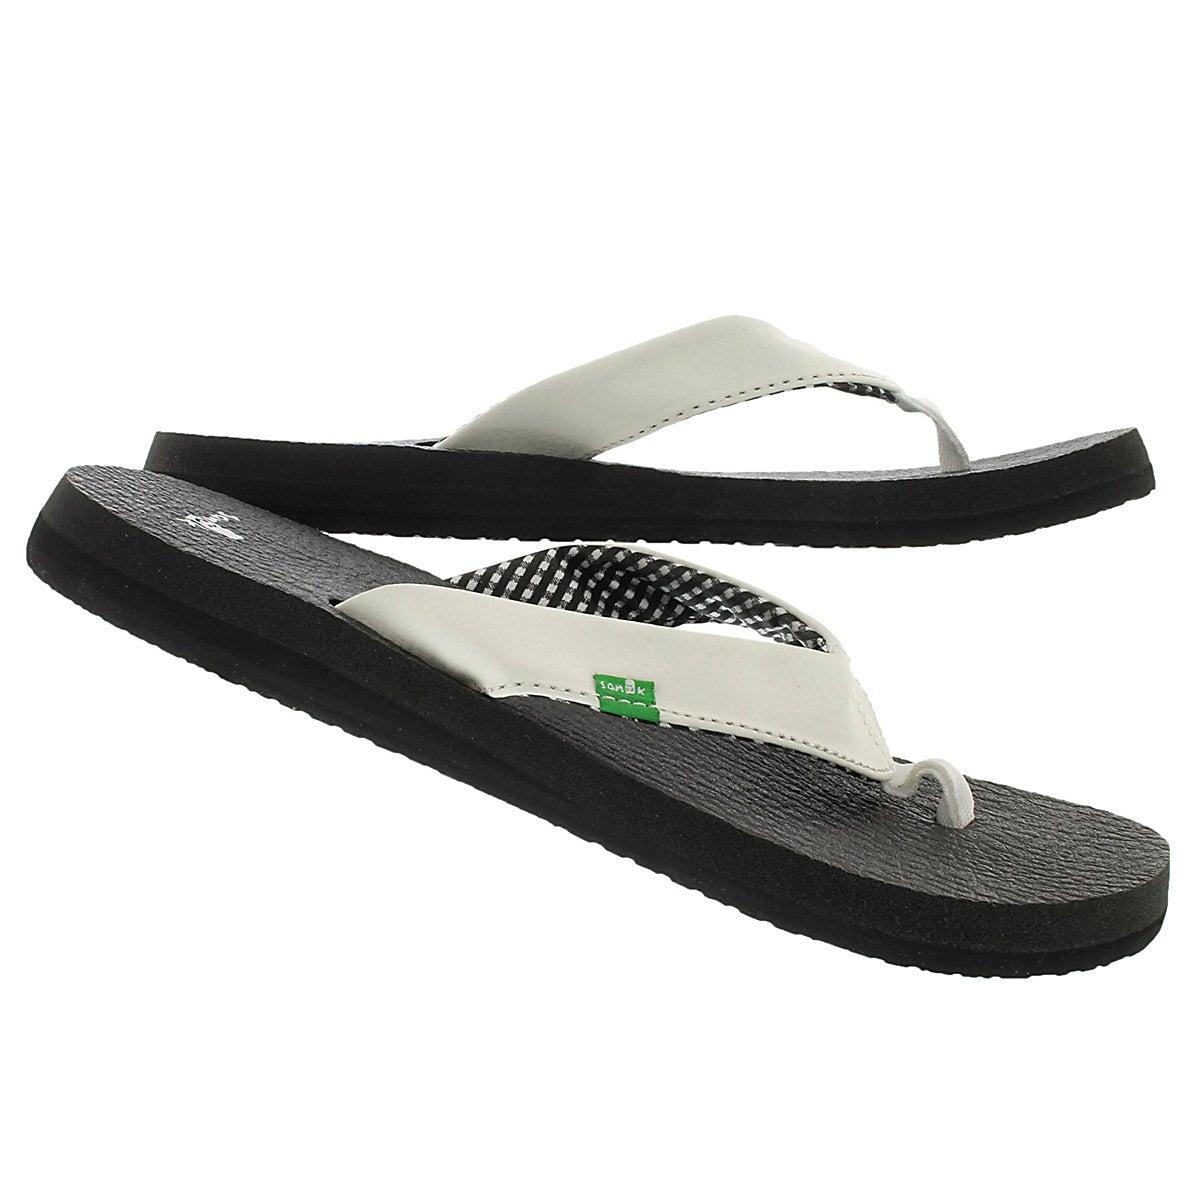 Lds Yoga Mat white flip flop